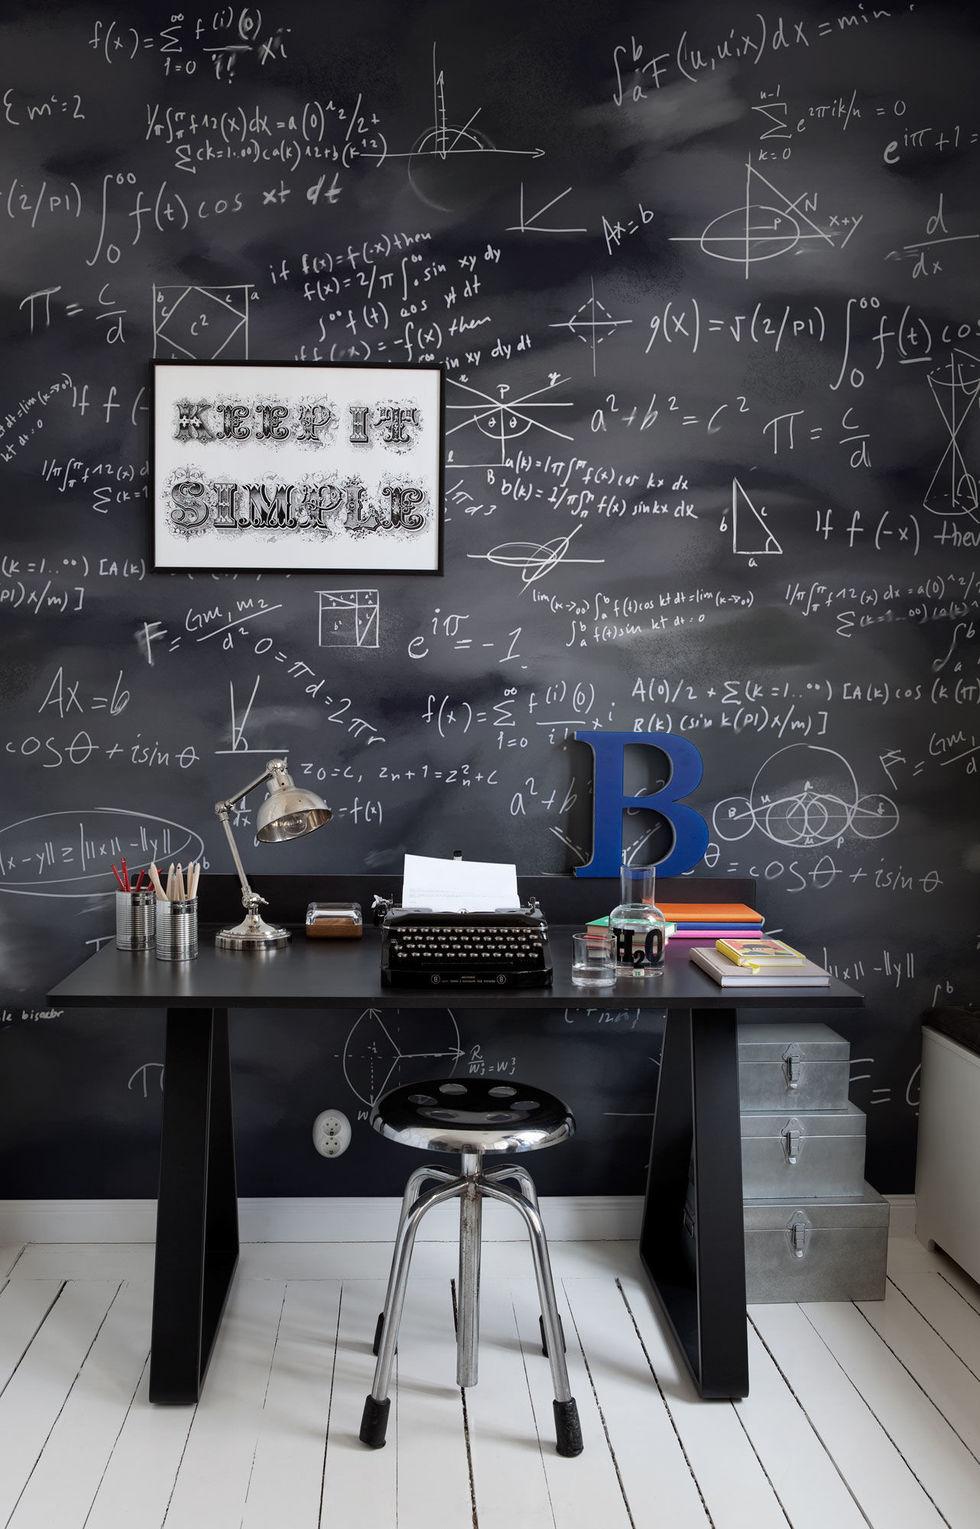 стена с формулами